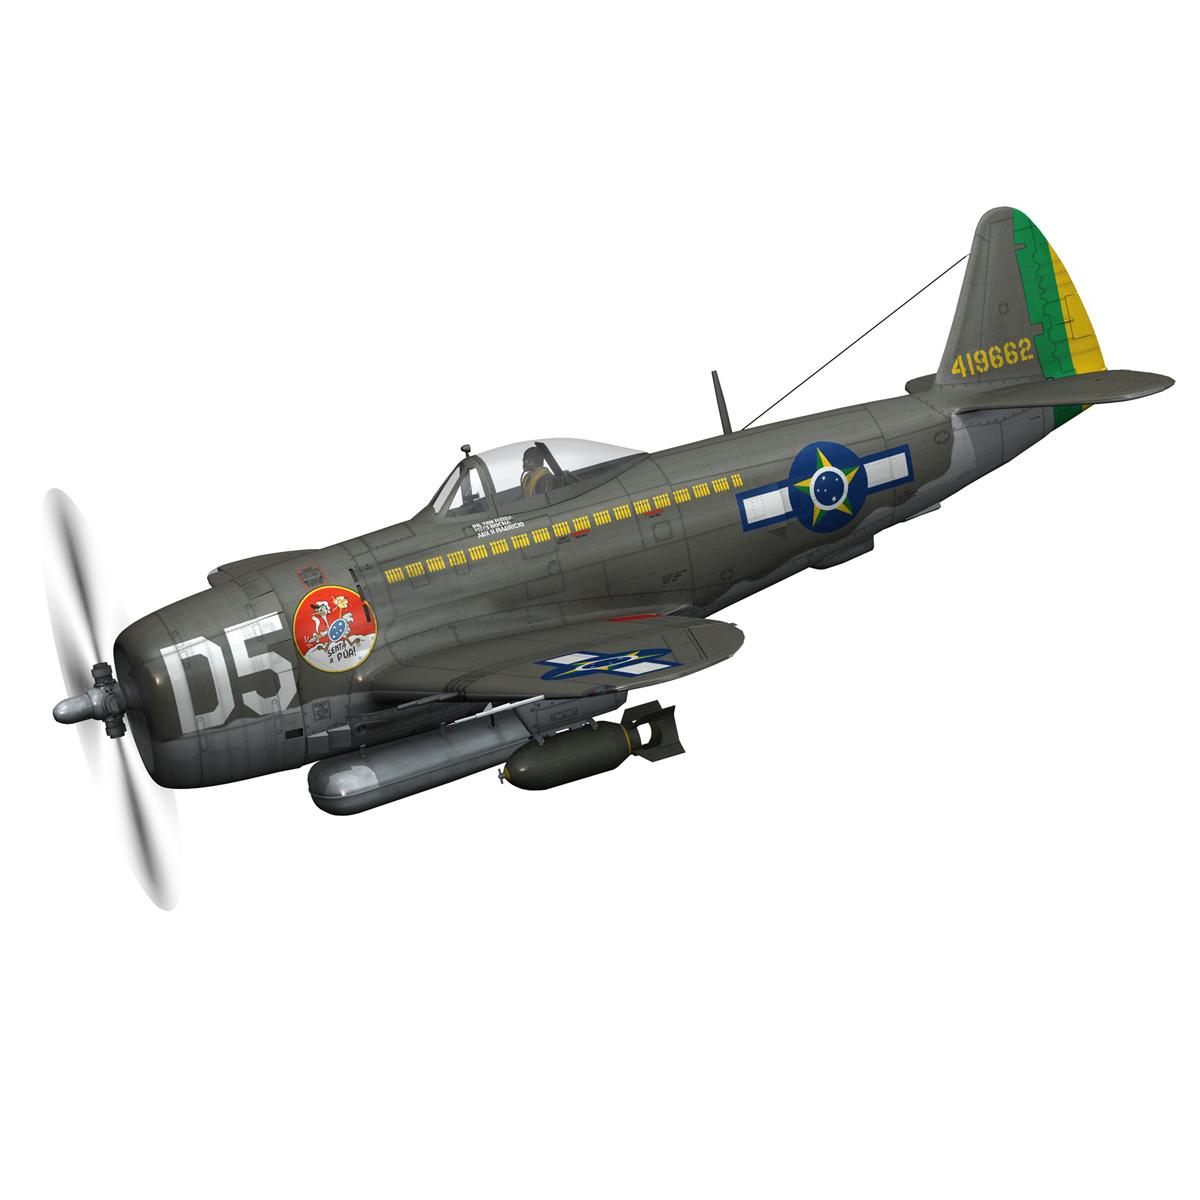 republic p-47d thunderbolt – brazilian air force 3d model lwo lw lws obj c4d fbx 266595